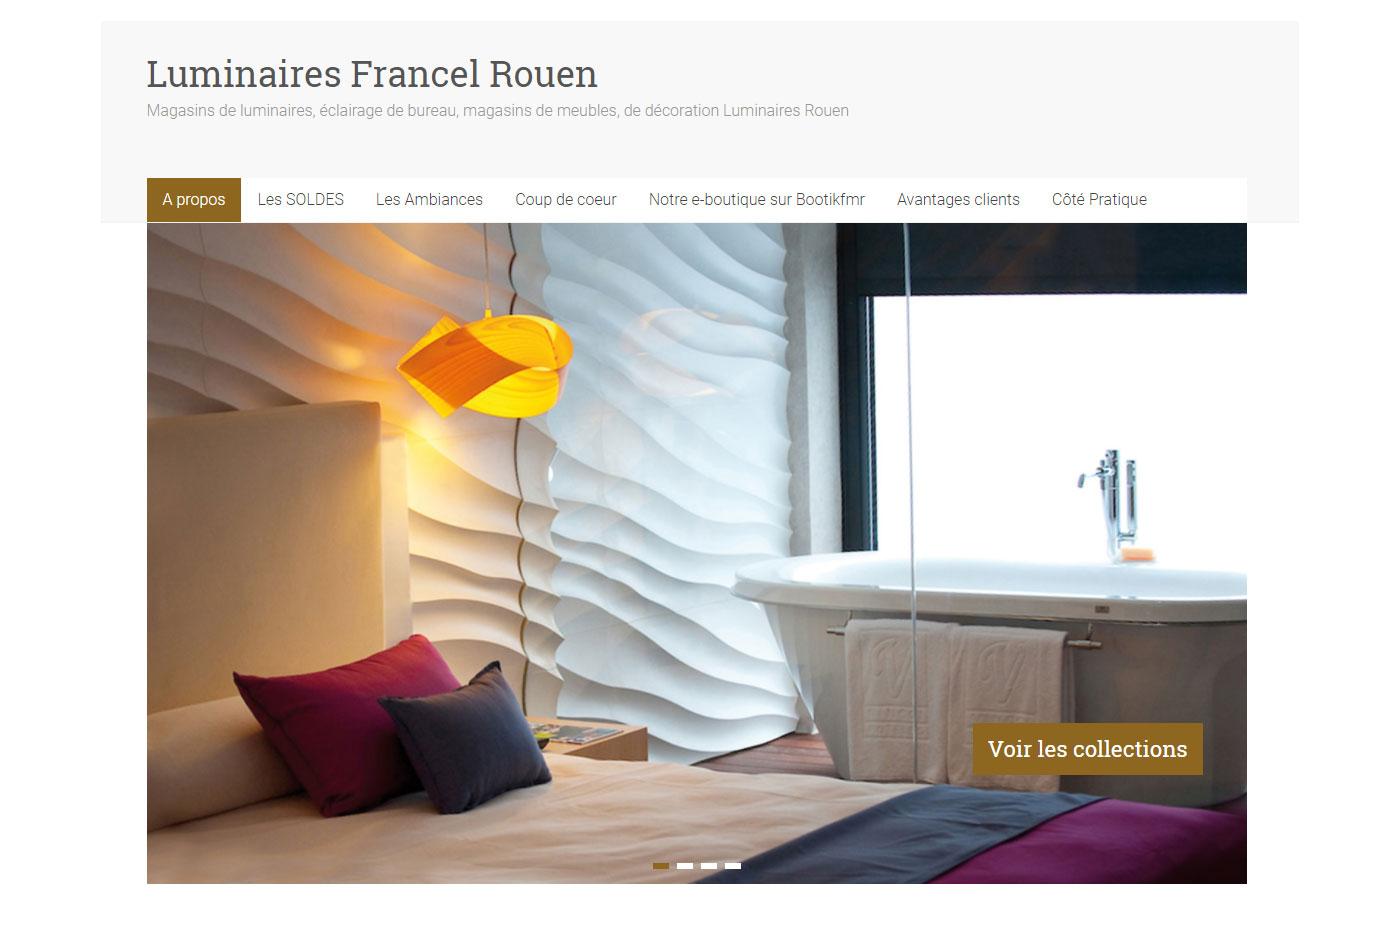 Site vitrine + e-boutique / e-reservation